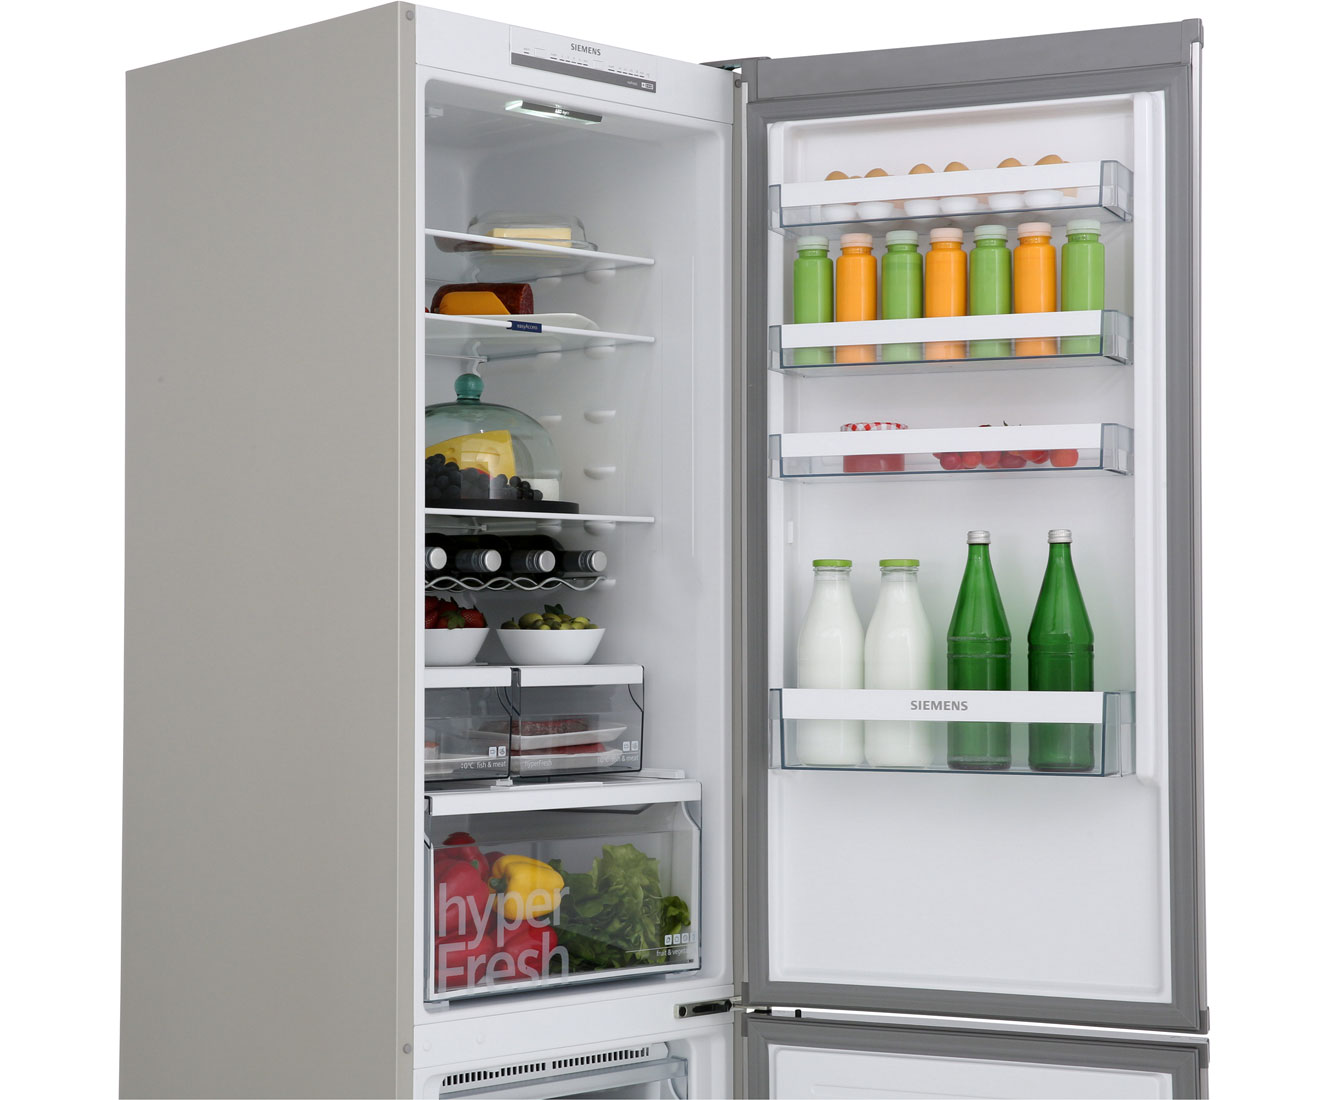 Siemens Kühlschrank Groß : Siemens iq kg nvl kühl gefrierkombination mit no frost